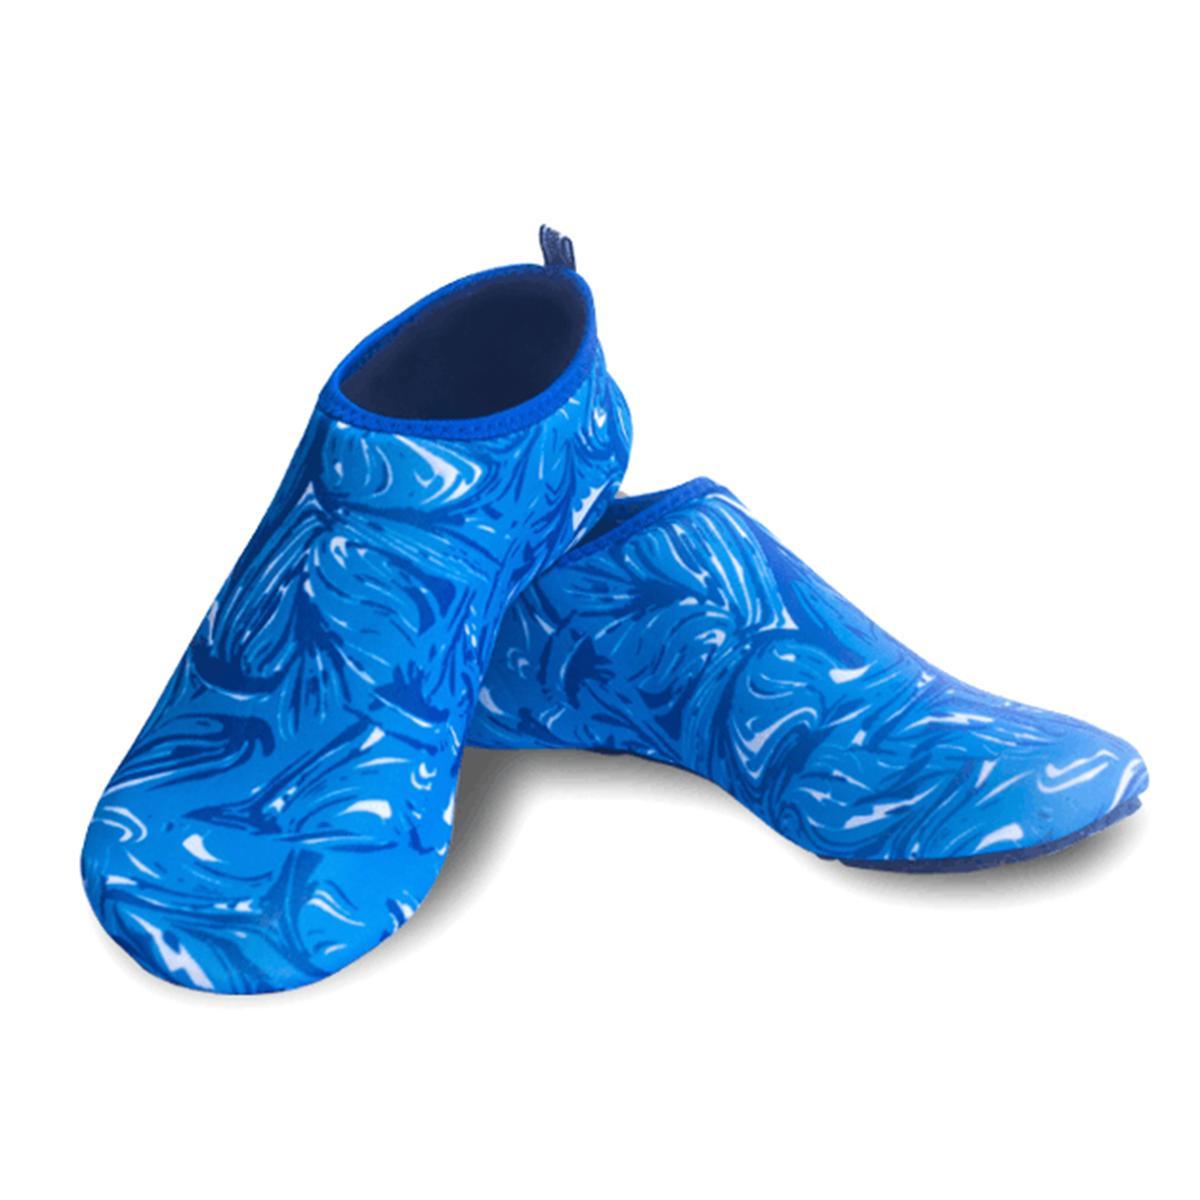 Giày chống trượt nước đi biển trượt tuyết Soft Quần lưới bơi Bơi lặn Yoga Giày thể dục